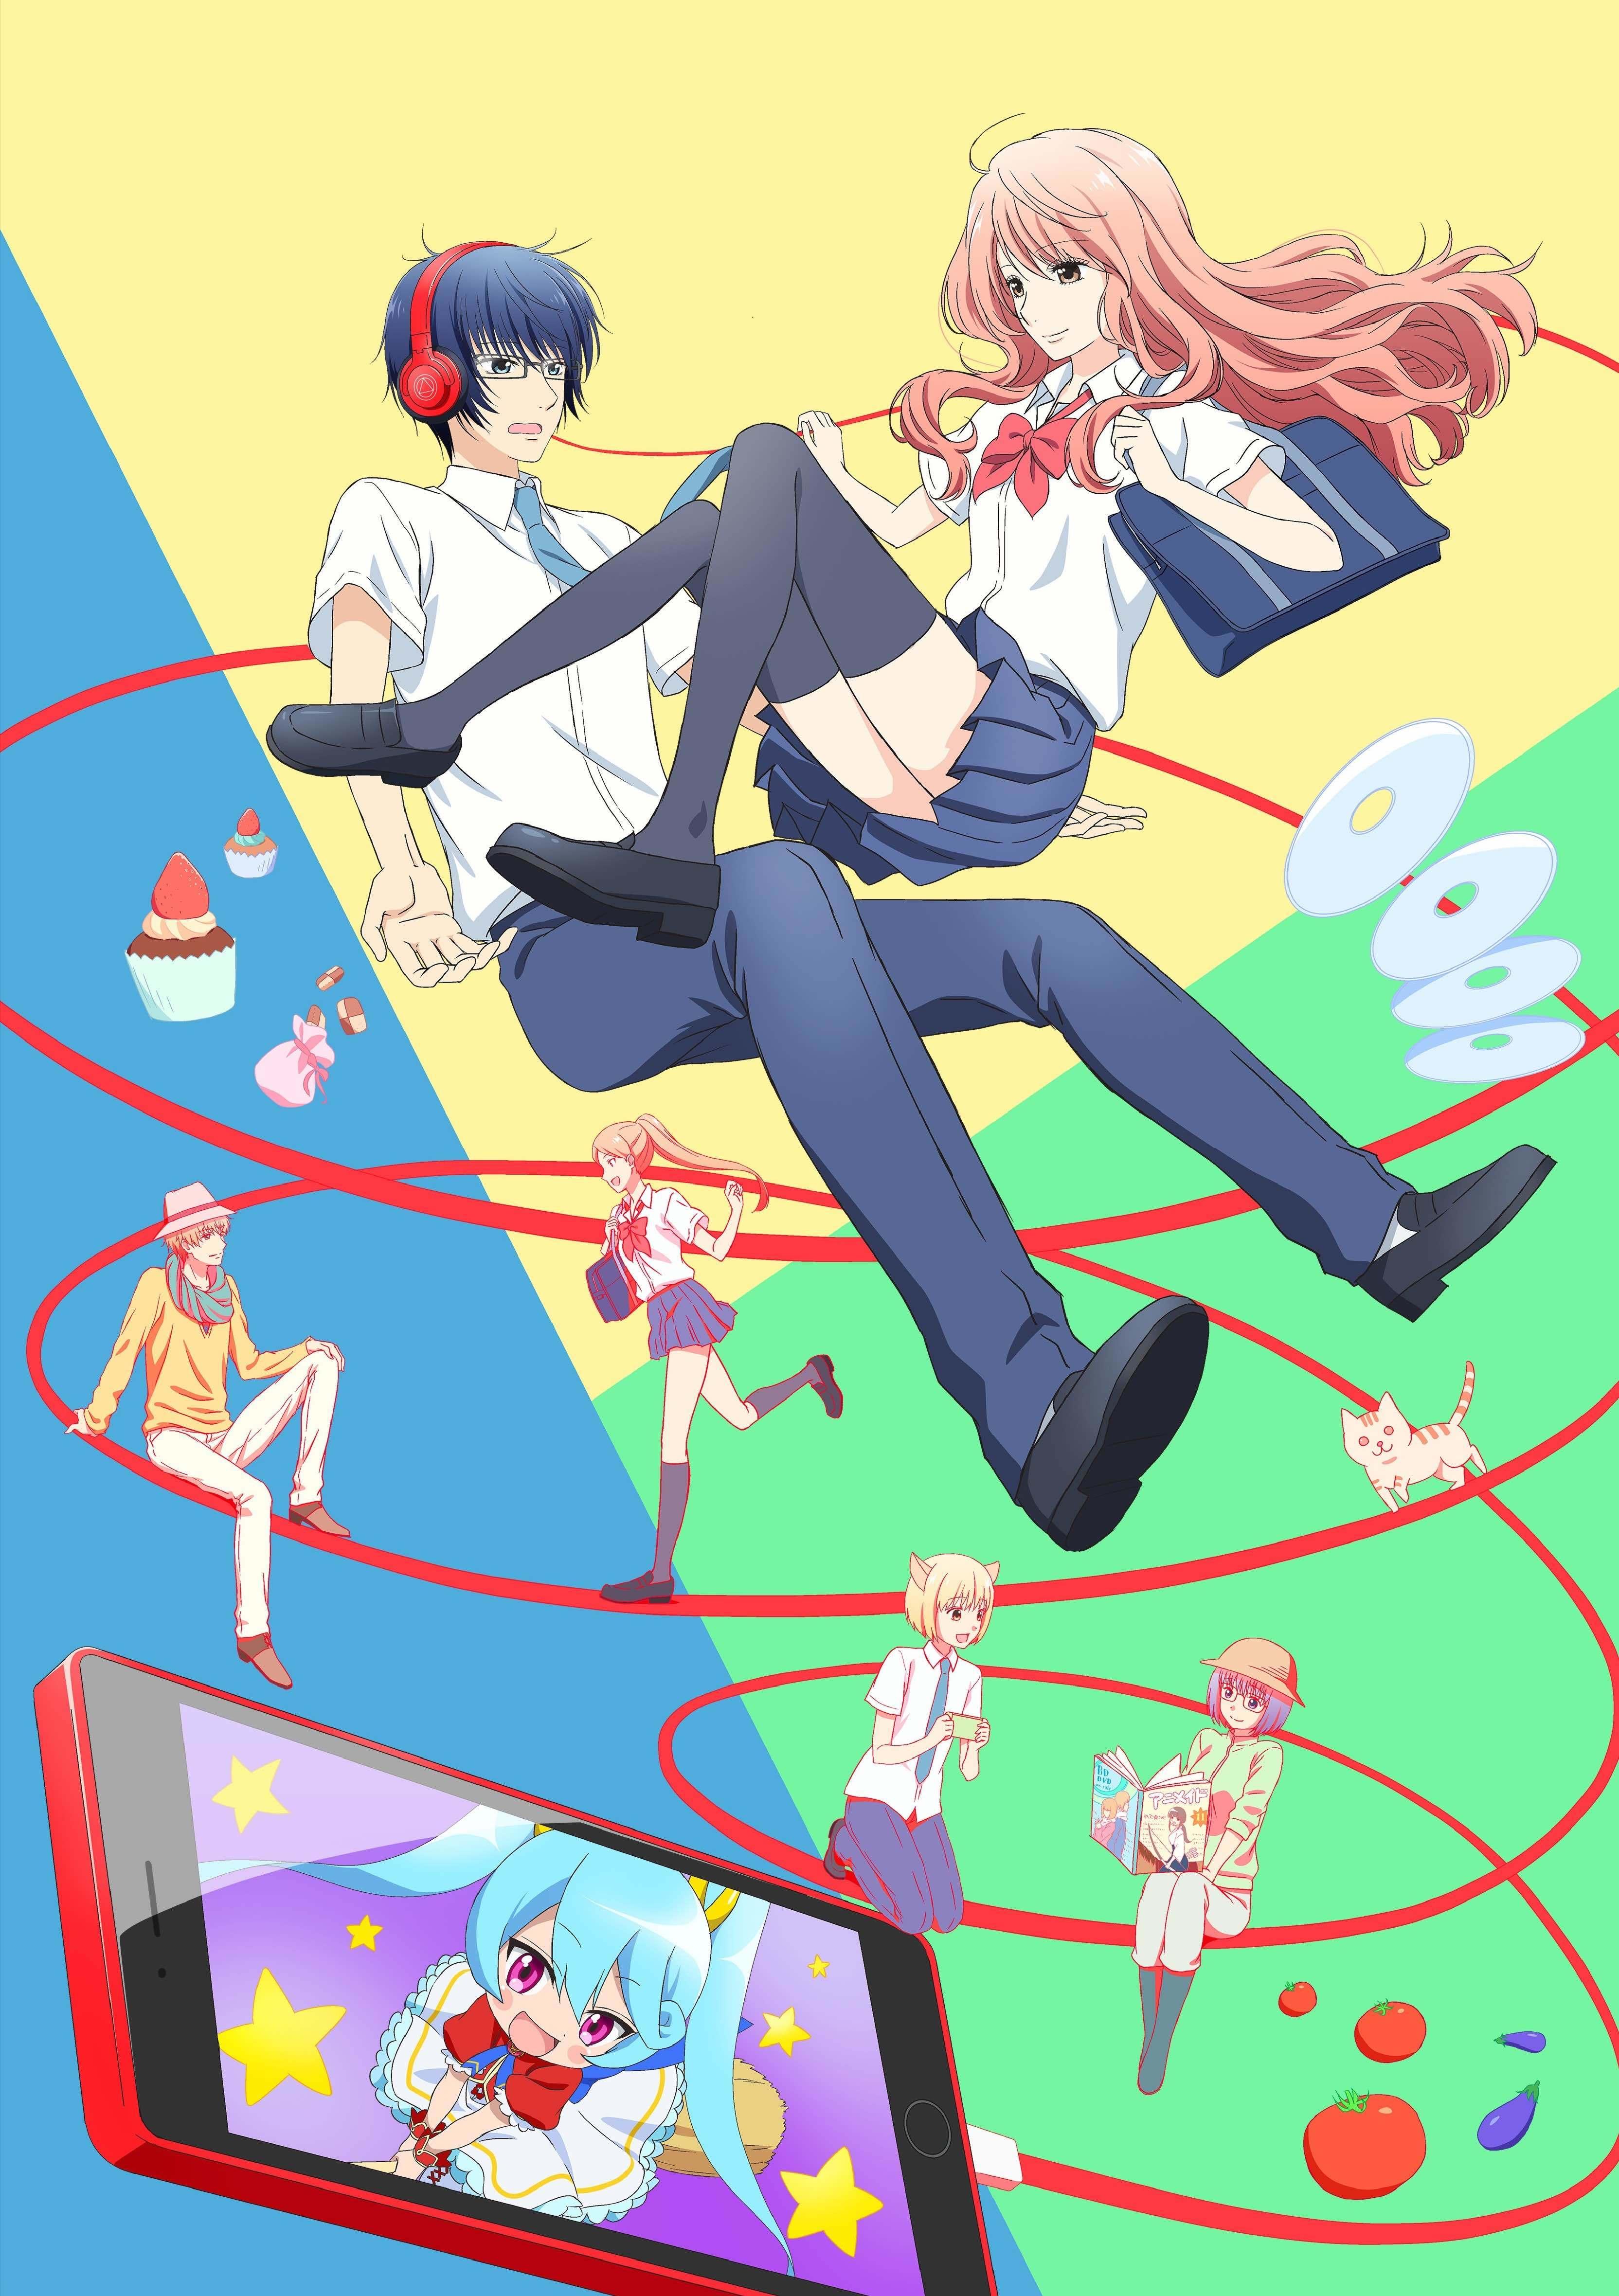 TVアニメ『3D彼女 リアルガール』  (C)那波マオ/講談社・アニメ「3D彼女 リアルガール」製作委員会